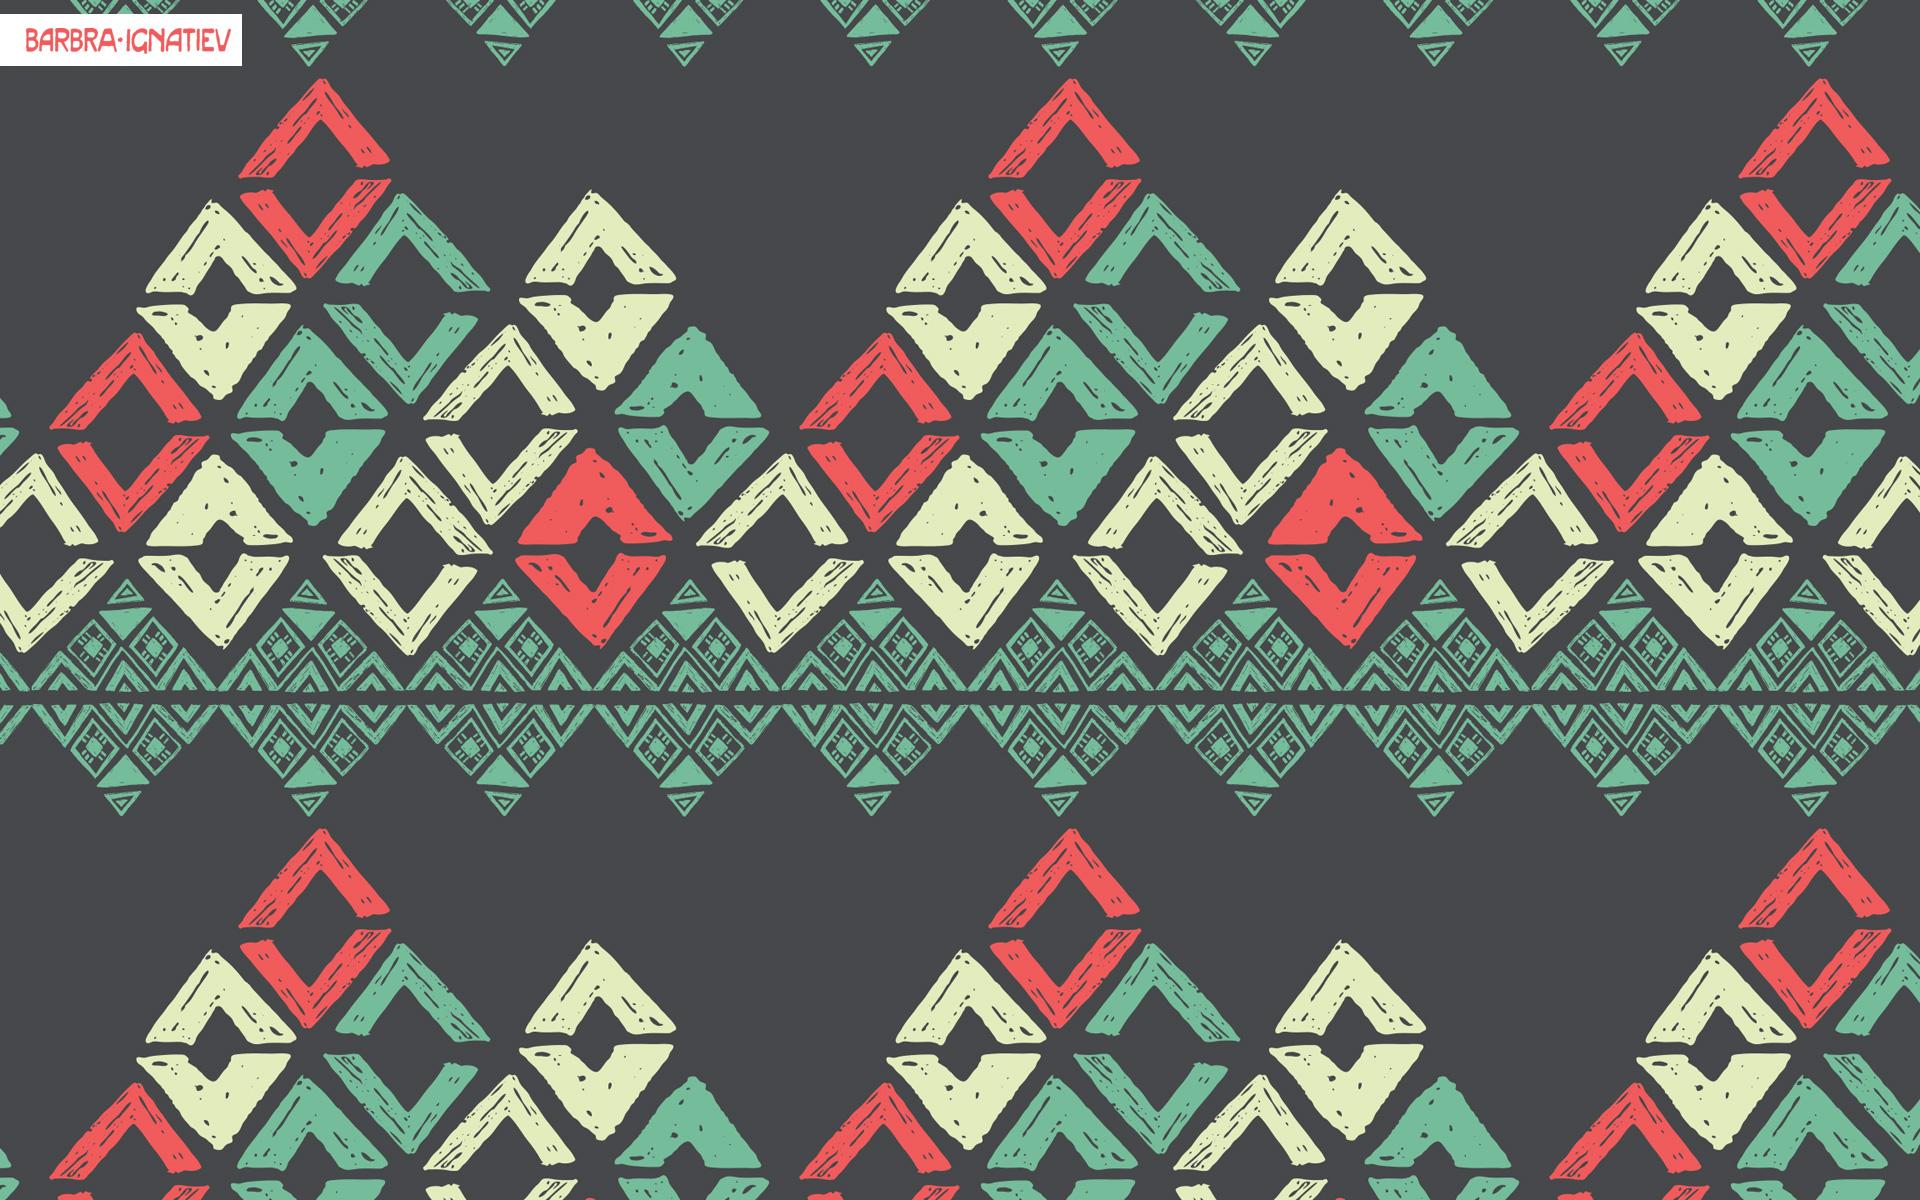 macbook desktop backgrounds tumblr wallpaper details 1920x1200